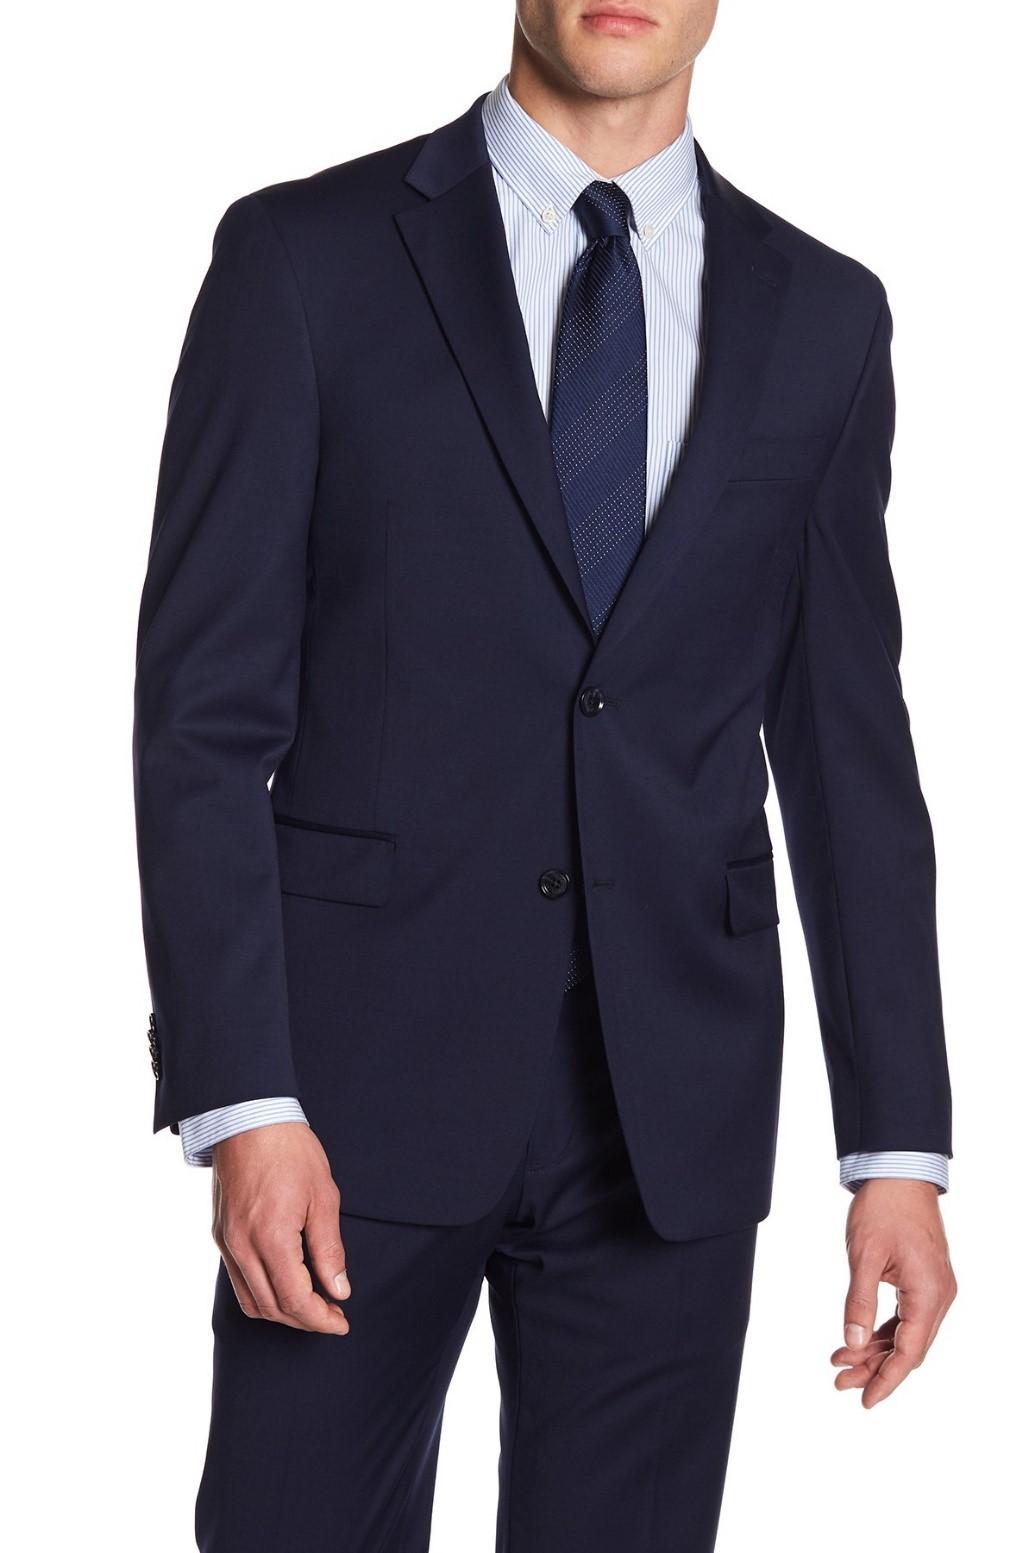 کت شلوار تجاری، لباس اهل تجارت و نحوه انتخاب آن